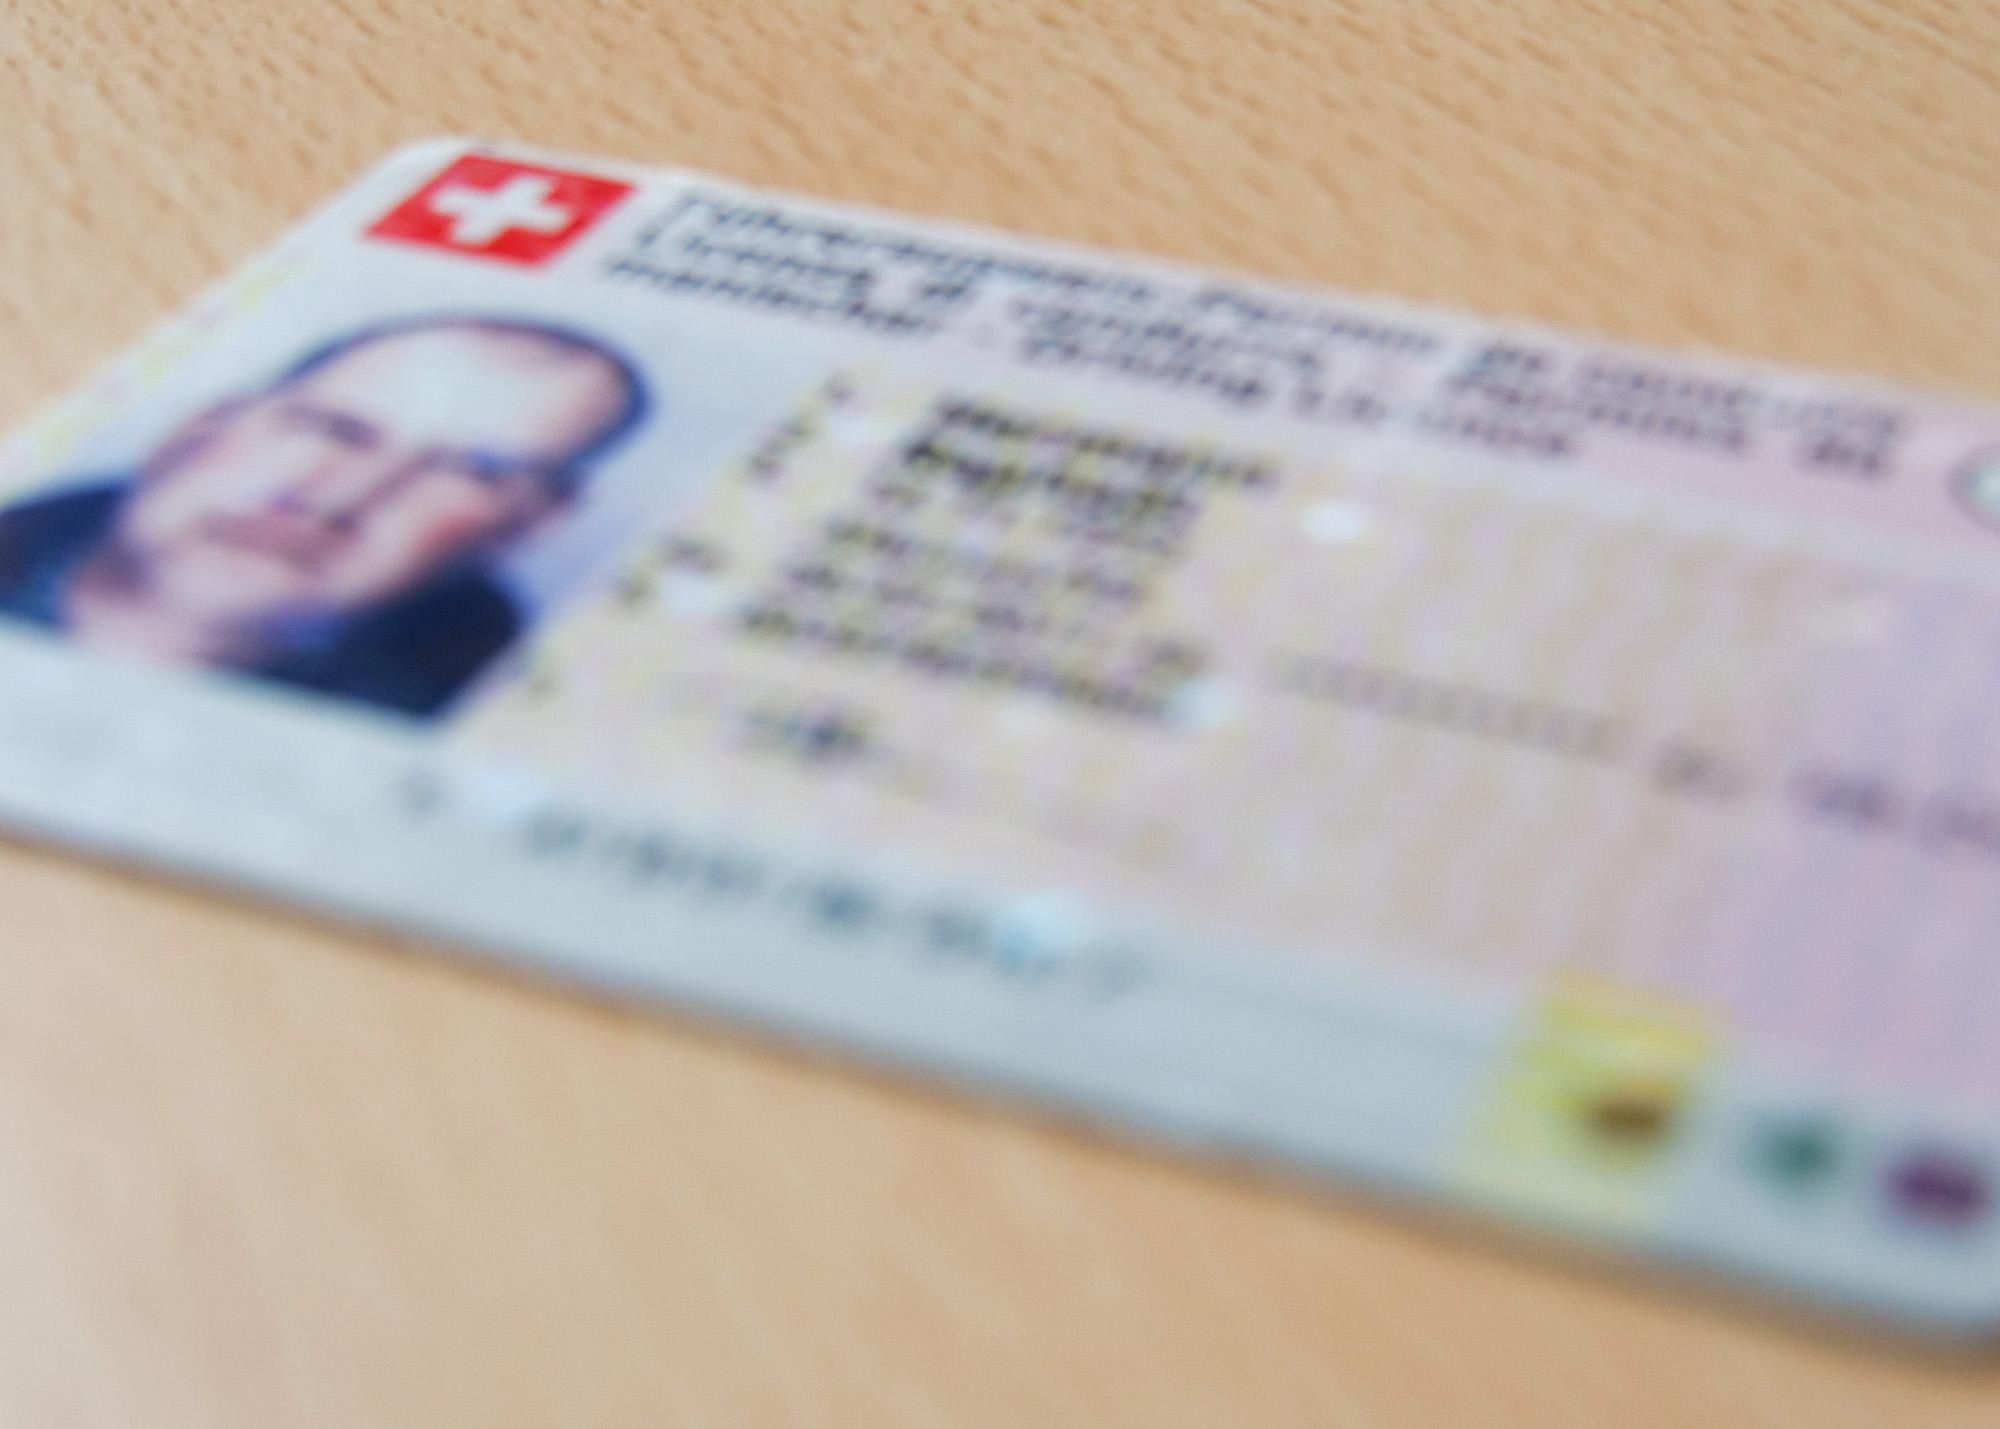 Carte Identite Suisse.Perte Ou Vol D Un Document D Identite Site Officiel De L